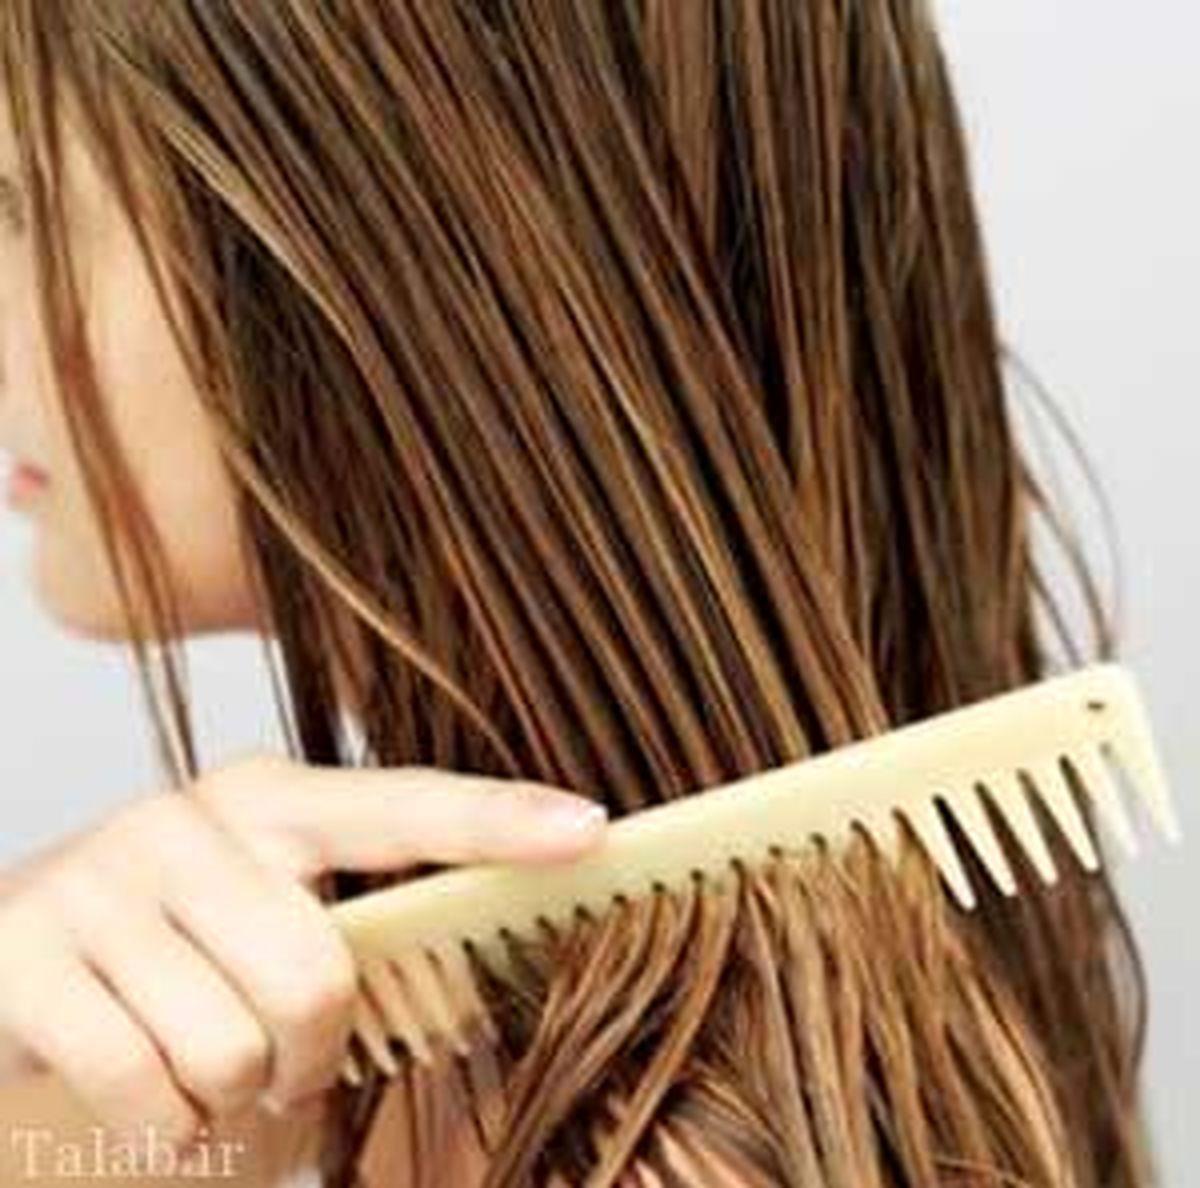 ۳ کاری که اگر دختران انجام دهند جذابیت موهایشان را از دست می دهند